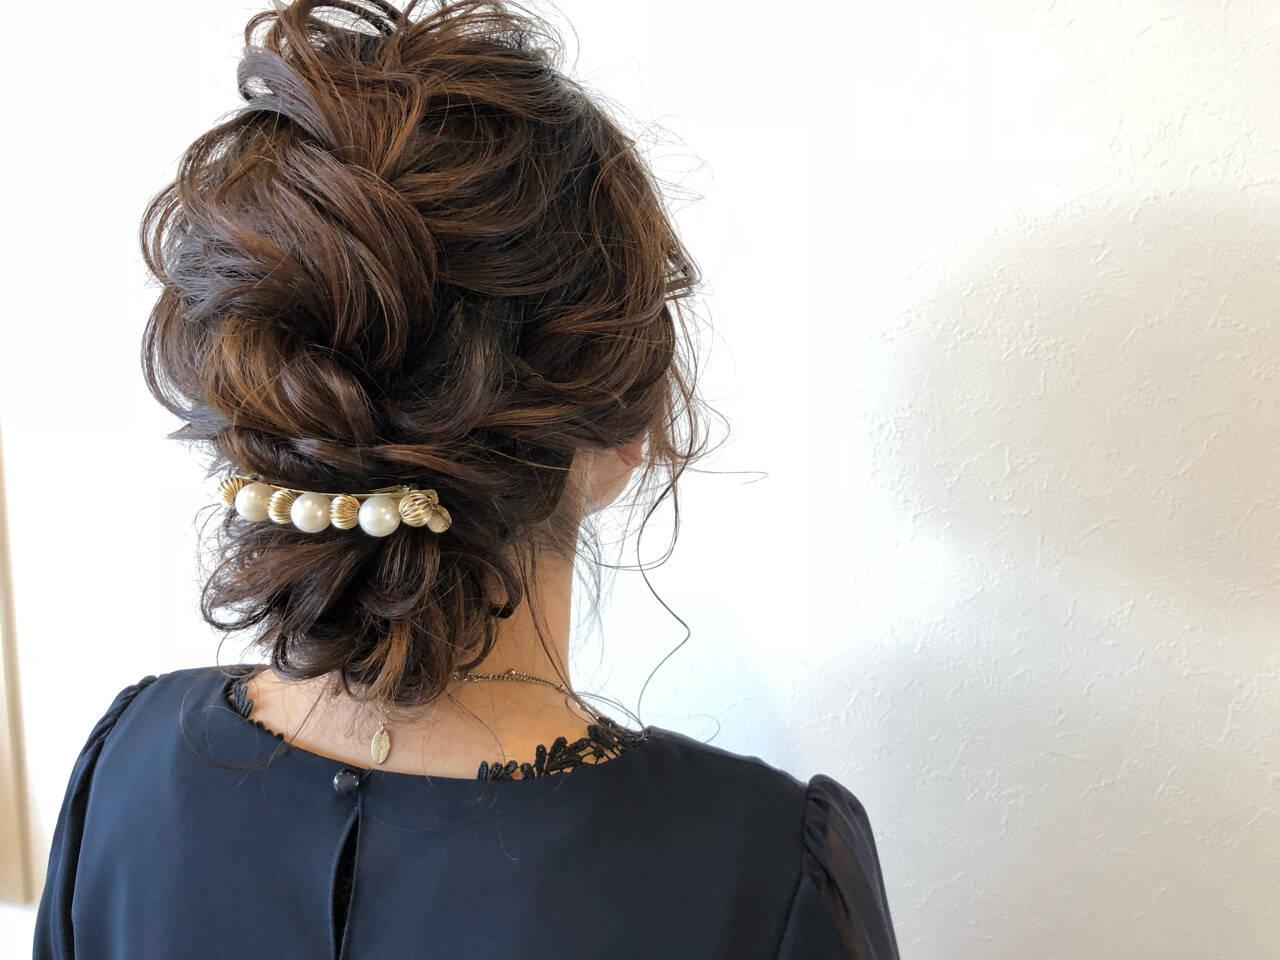 ナチュラル ママ 編み込み 結婚式ヘアスタイルや髪型の写真・画像